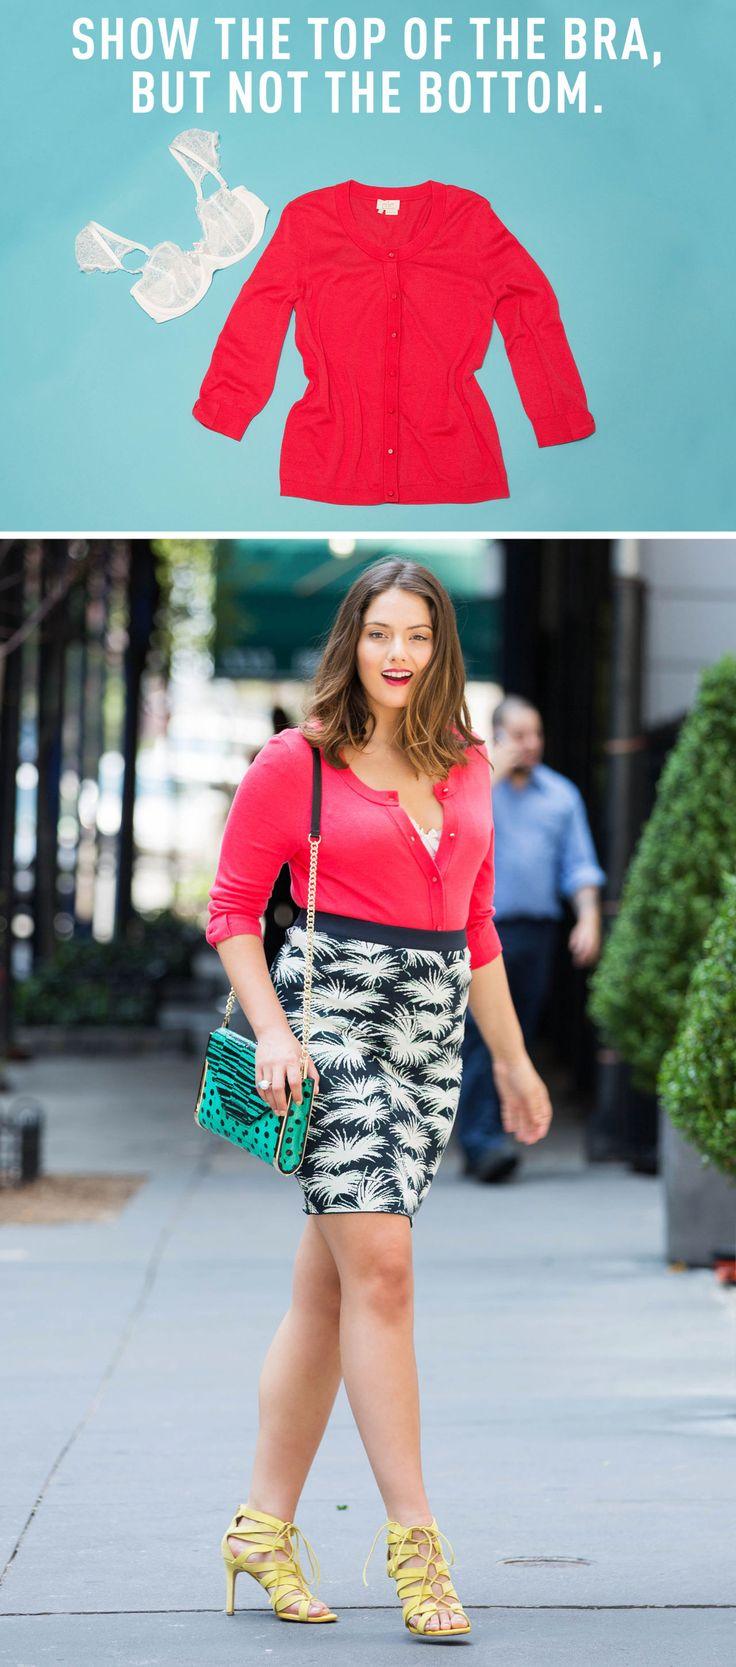 16 Badass Ways To Show Off Your Bra  Fashion, Badass -6812